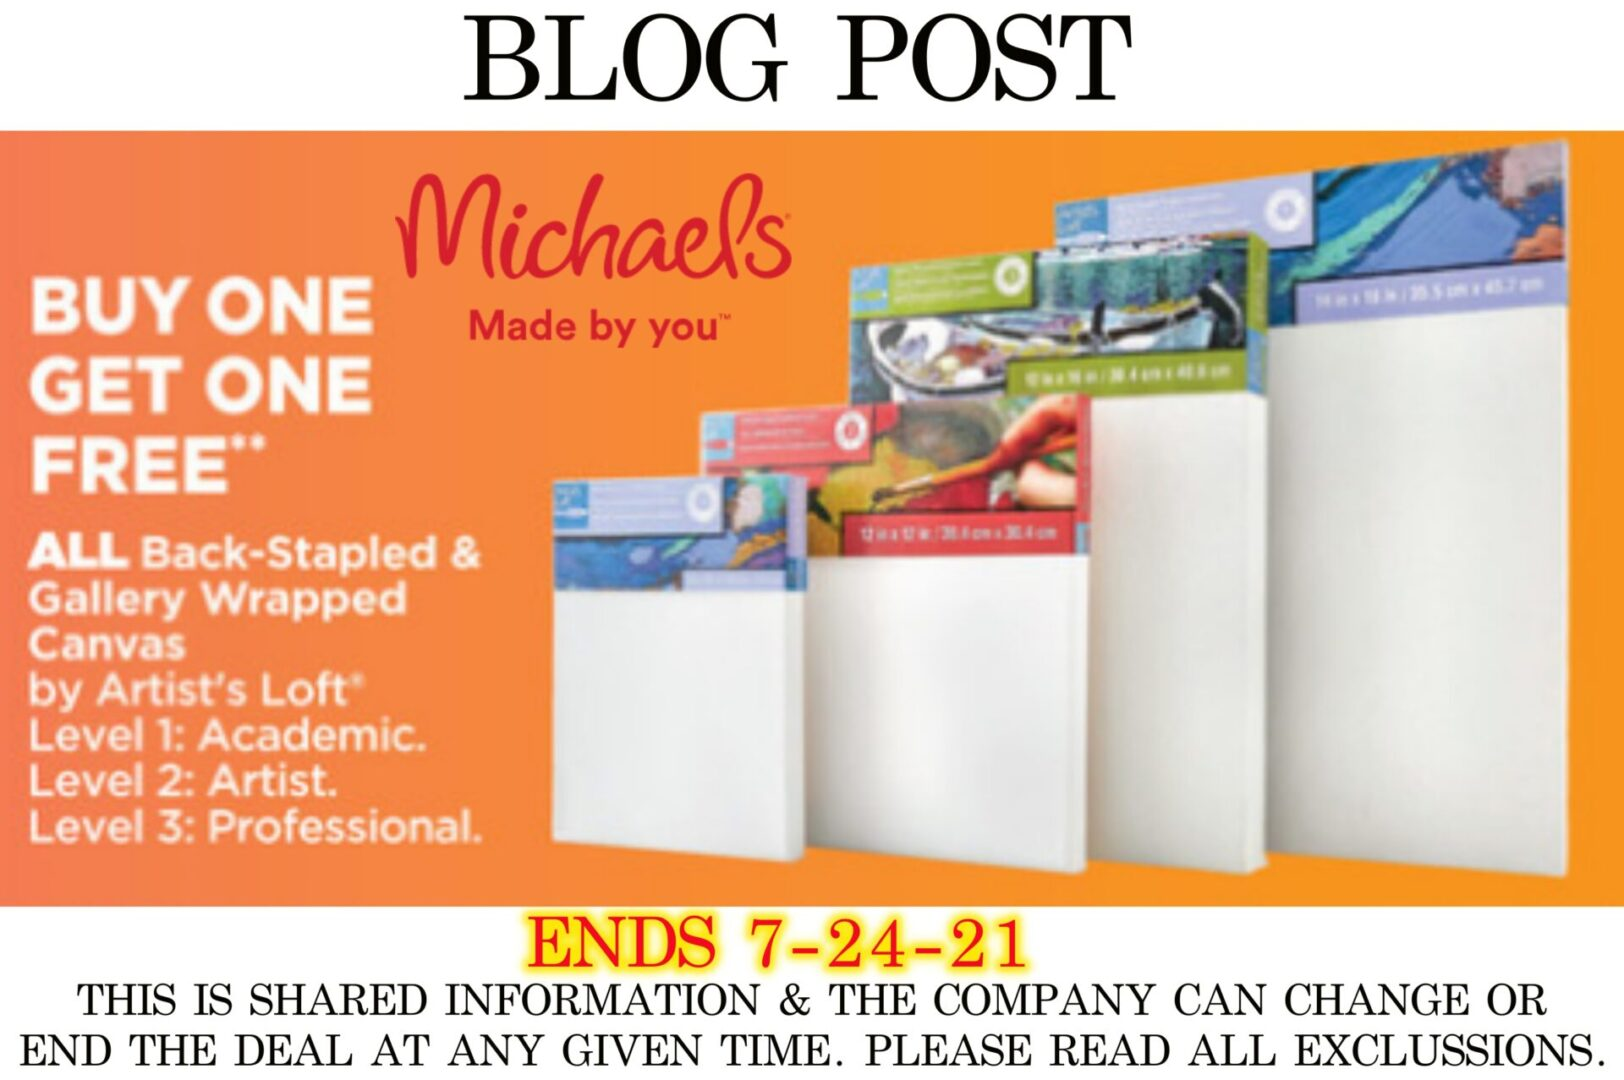 MICHAELS-1